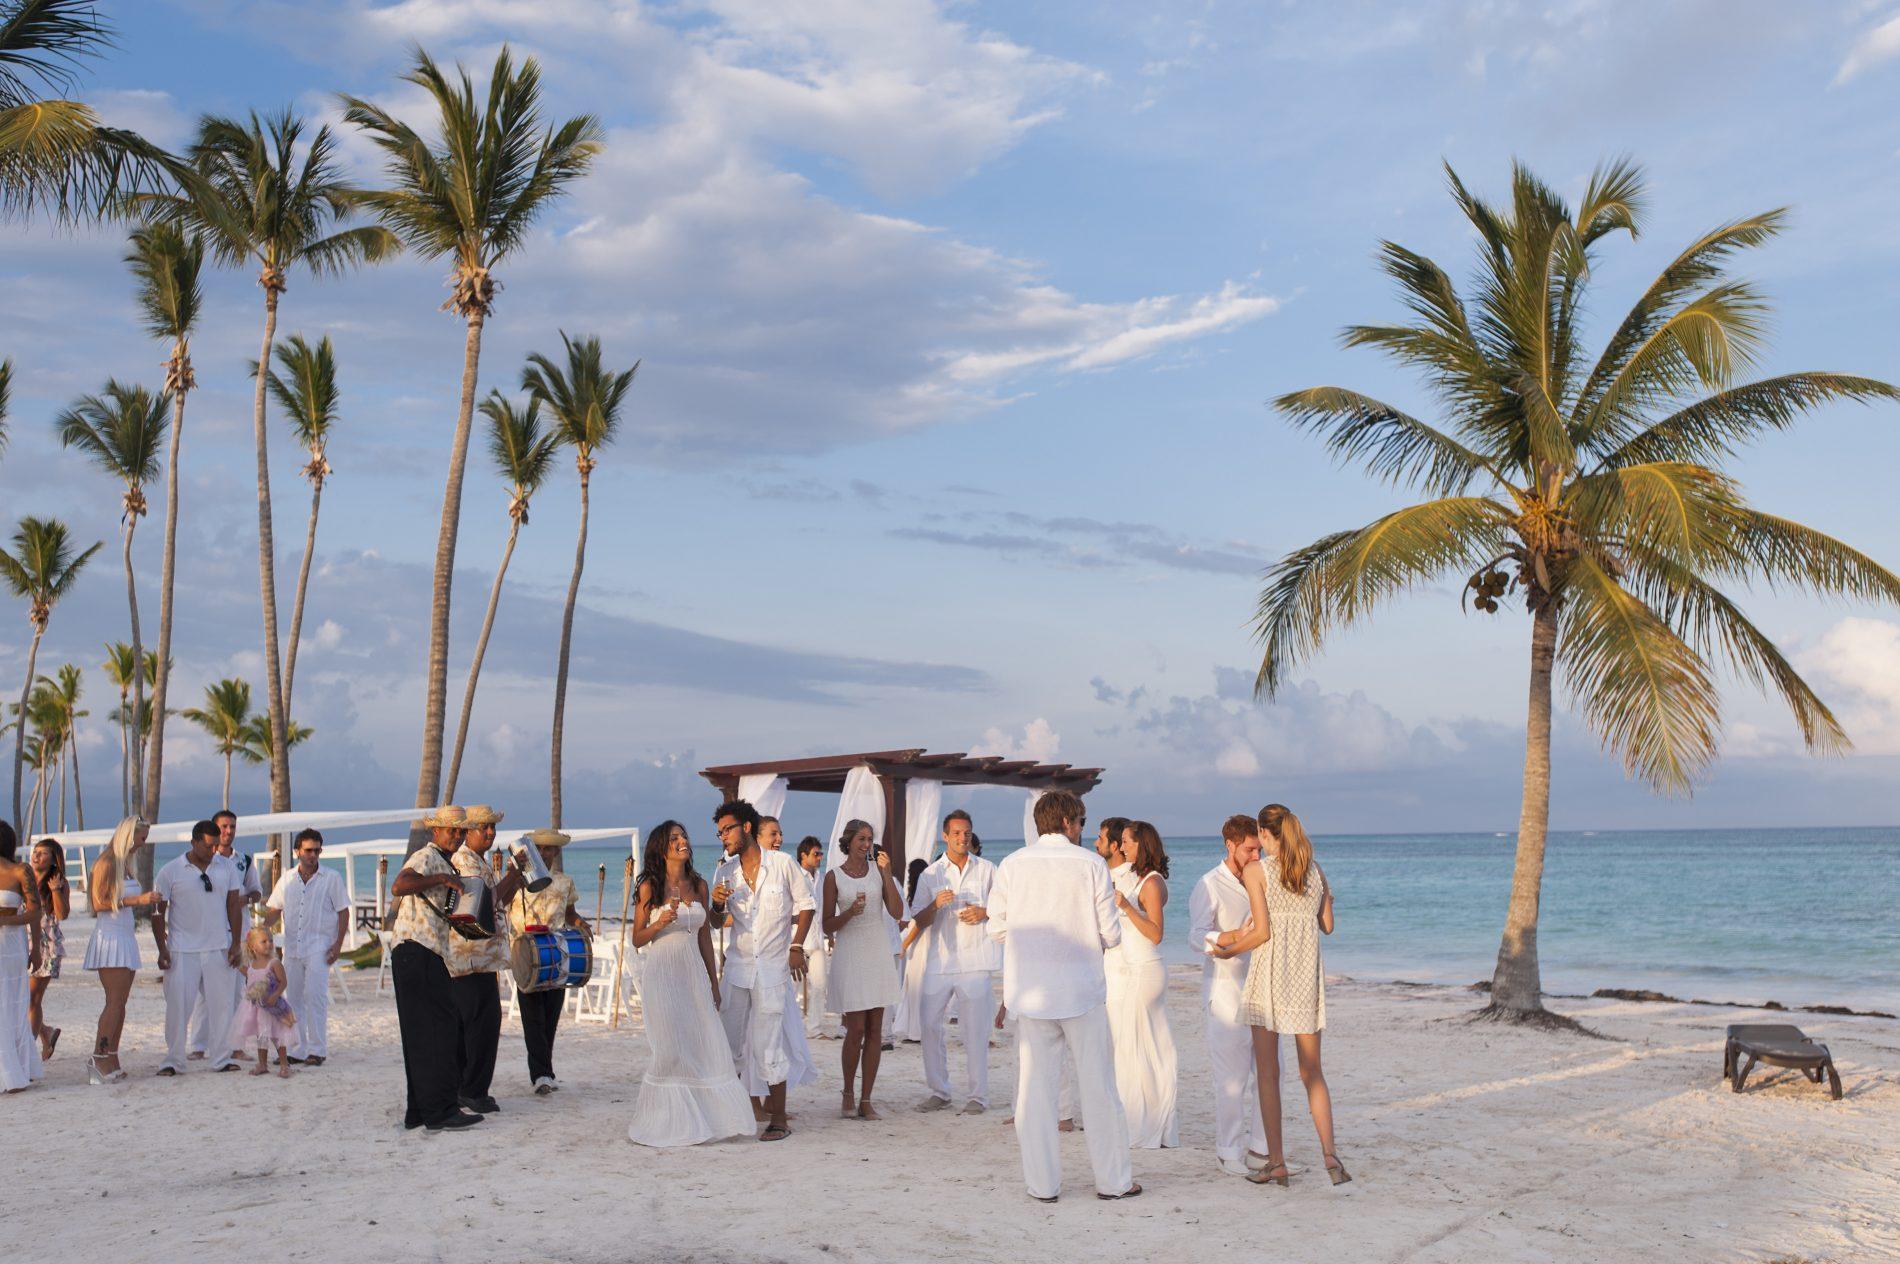 Os brasileiros amam tanto Punta Cana que passaram a se casar nos luxuosos resorts da região